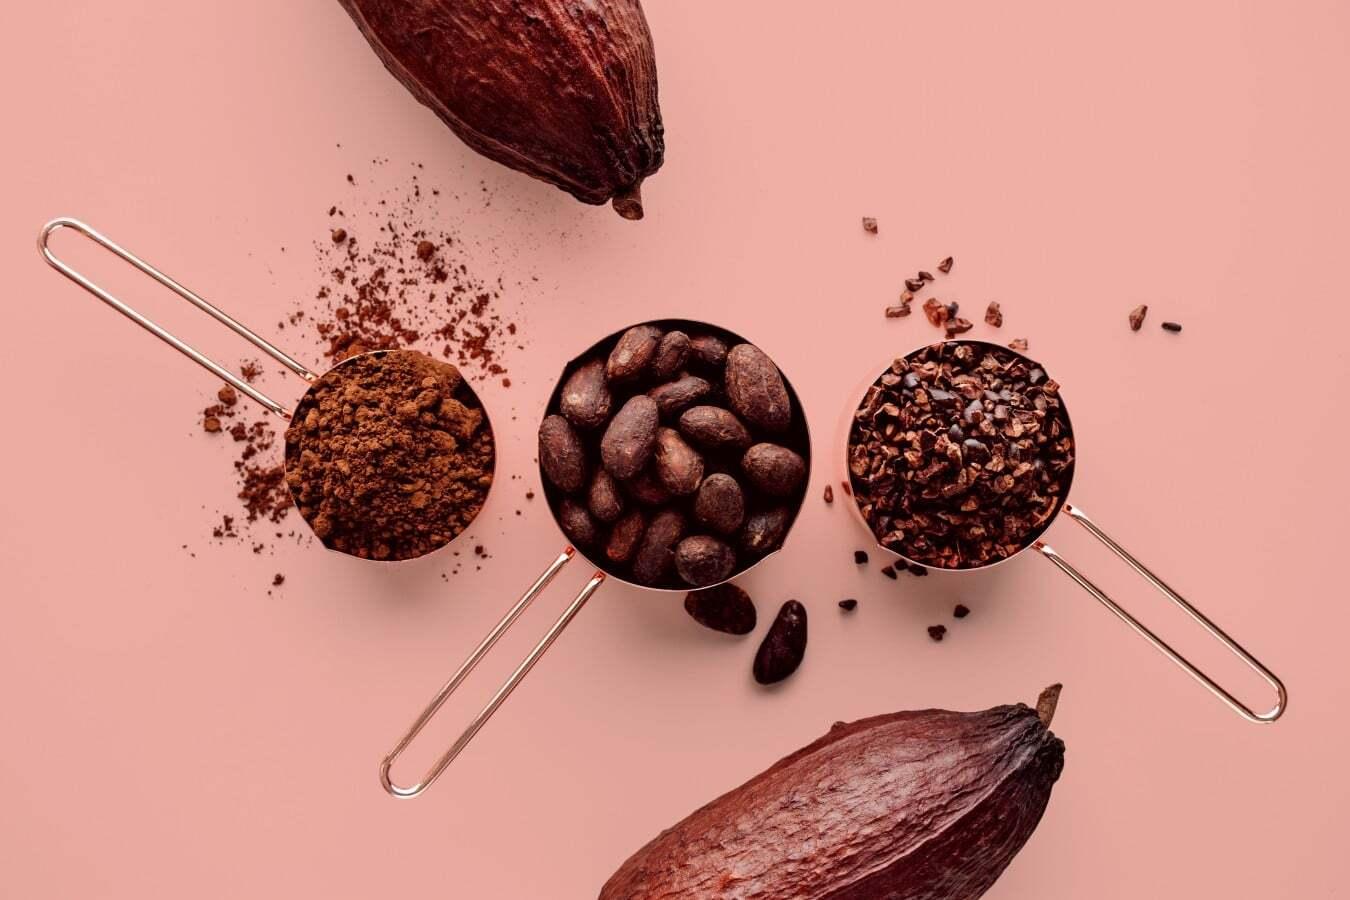 научные факты про шоколад